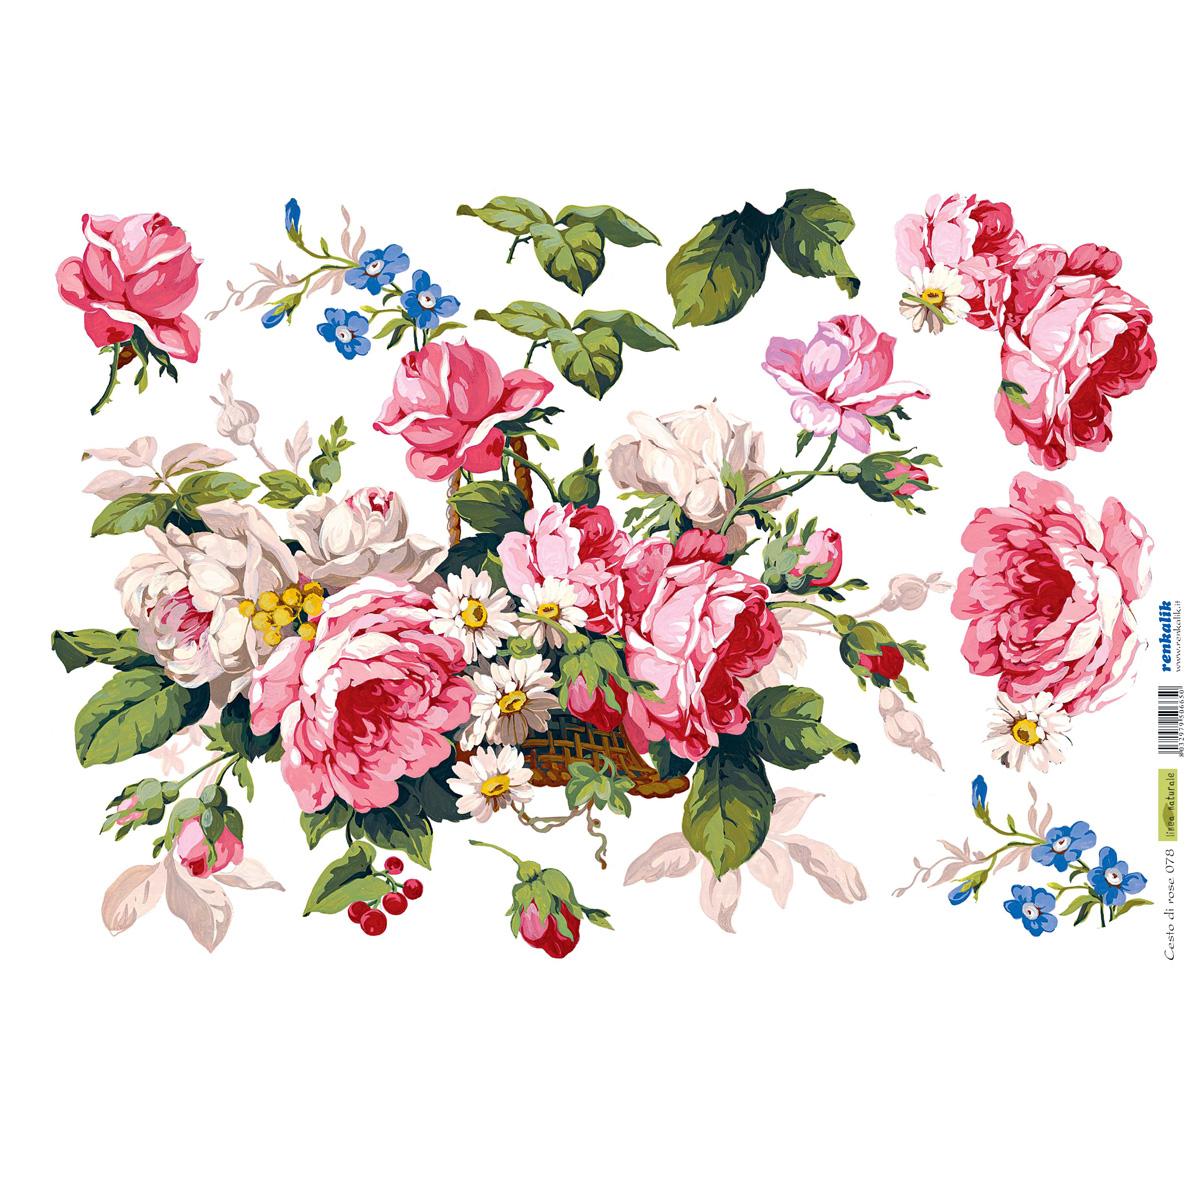 Рисовая бумага для декупажа Renkalik Корзина с розами, 35 х 50 смNLED-454-9W-BKБумага для декупажа Renkalik предназначена для декорирования предметов. Имеет в составе прожилки риса, которые очень красиво смотрятся на декорируемом изделии, придают ему неповторимую фактуру и создают эффект нанесенного кистью рисунка. Подходит для декора в технике декупаж на стекле, дереве, пластике, металле и любых других поверхностях. Плотность бумаги: 25 г/м2.